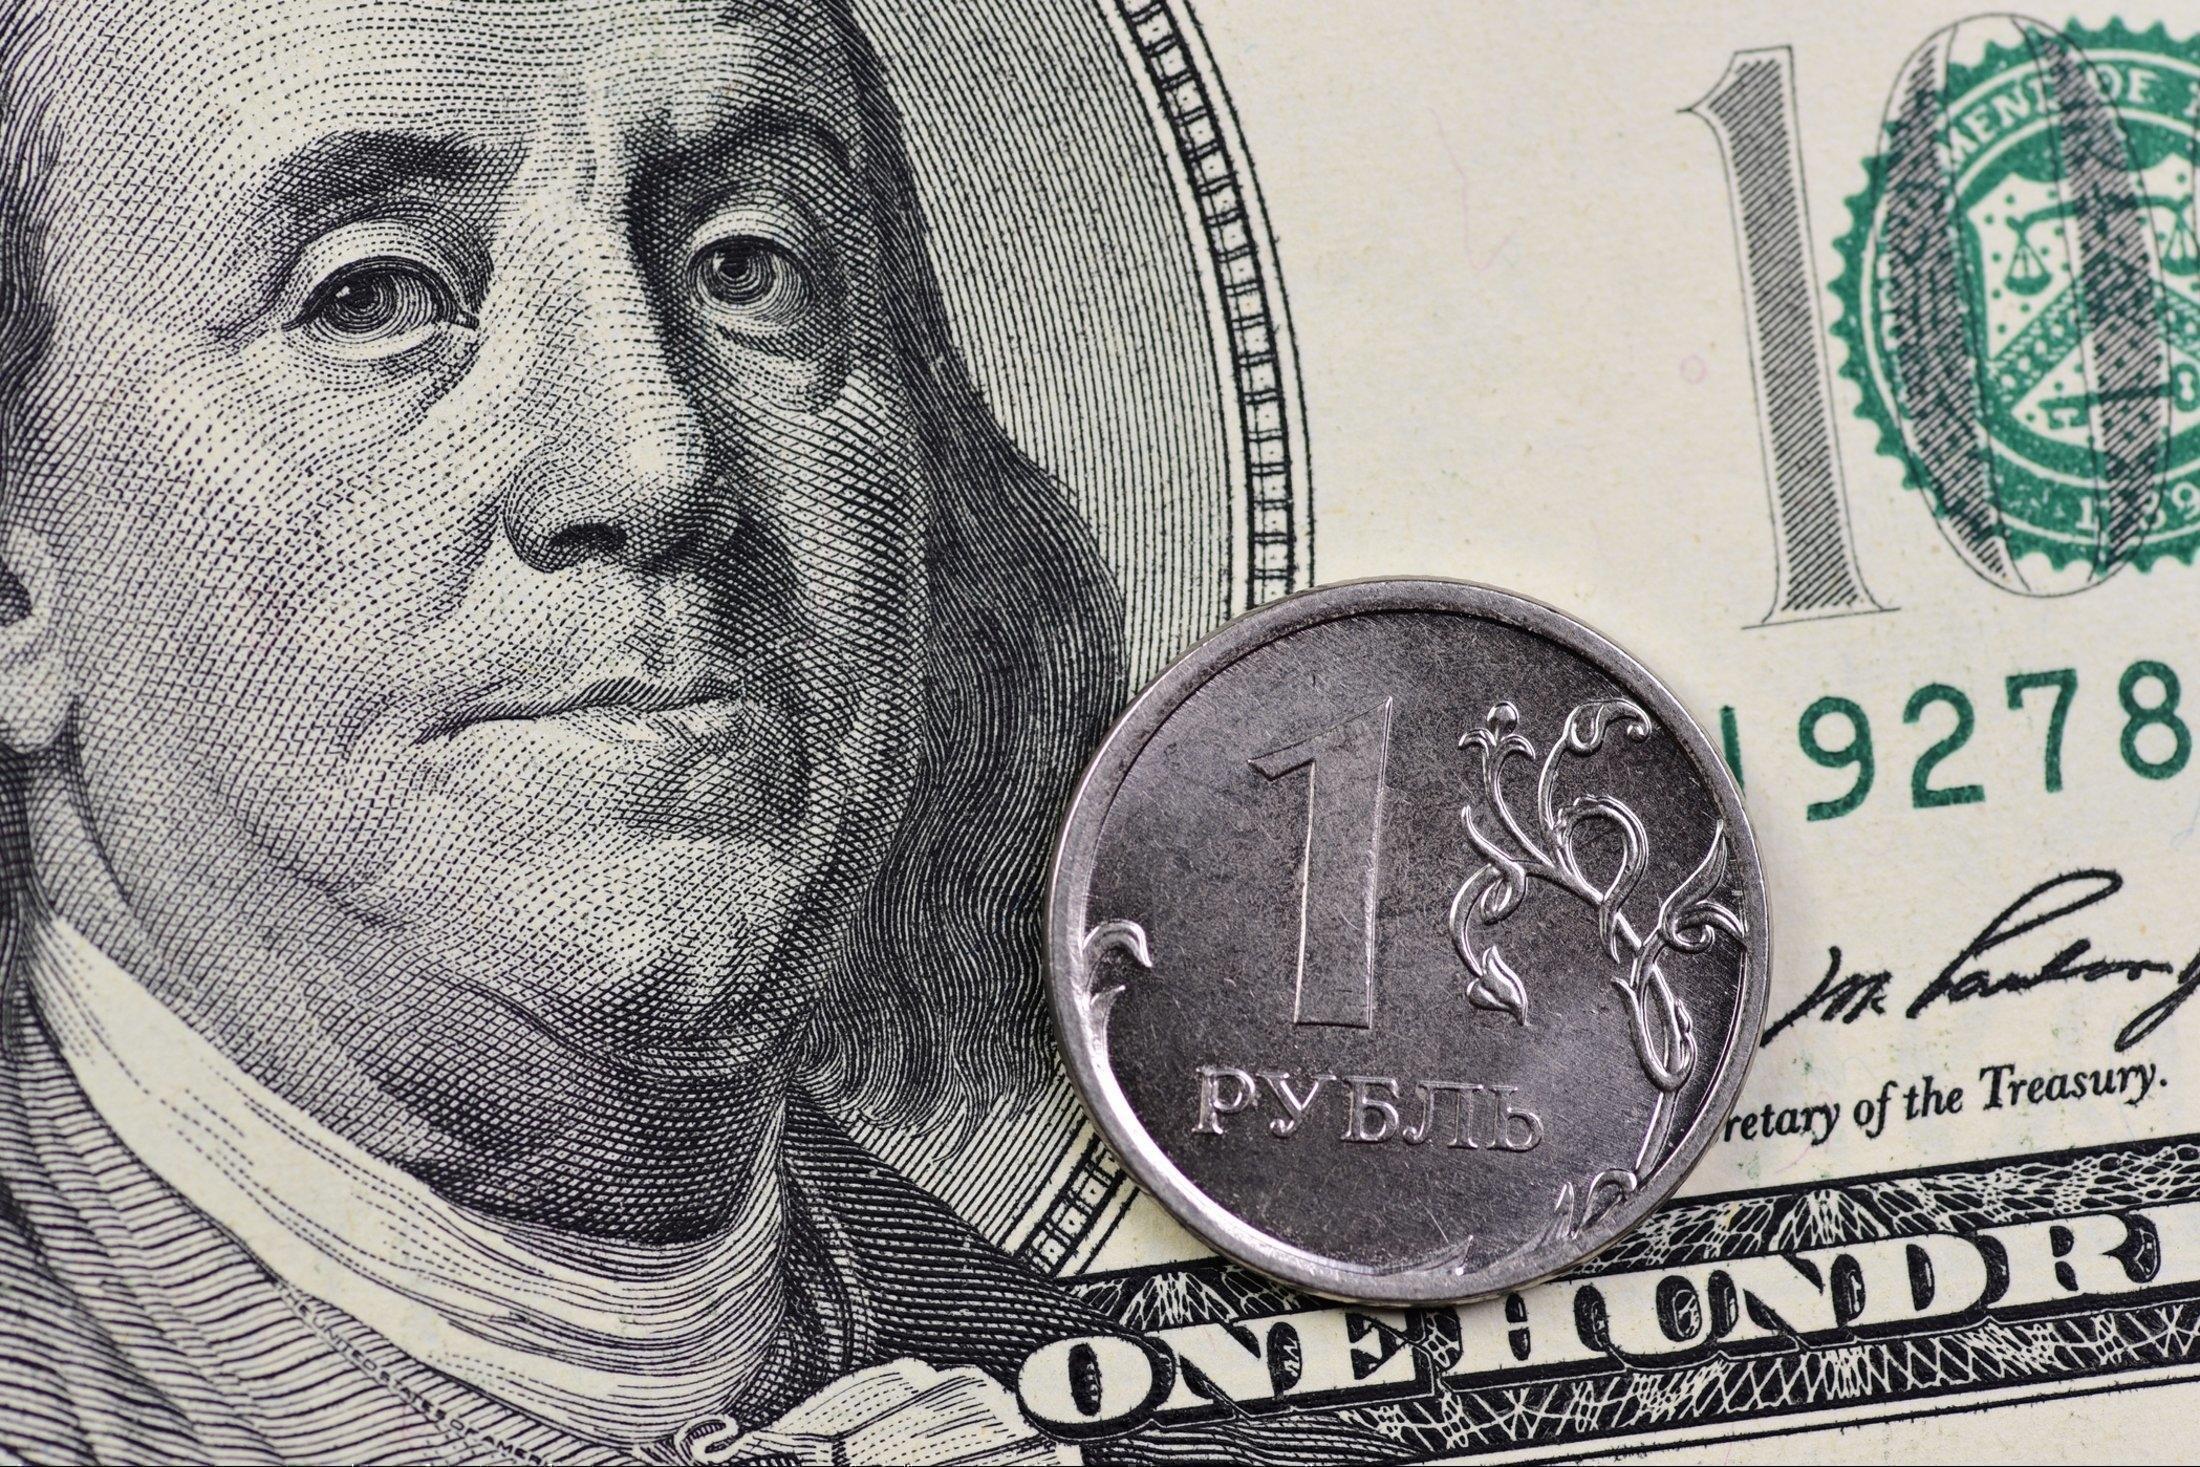 Курс доллара на Мосбирже поднялся до 79 рублей впервые с 2 апреля 1